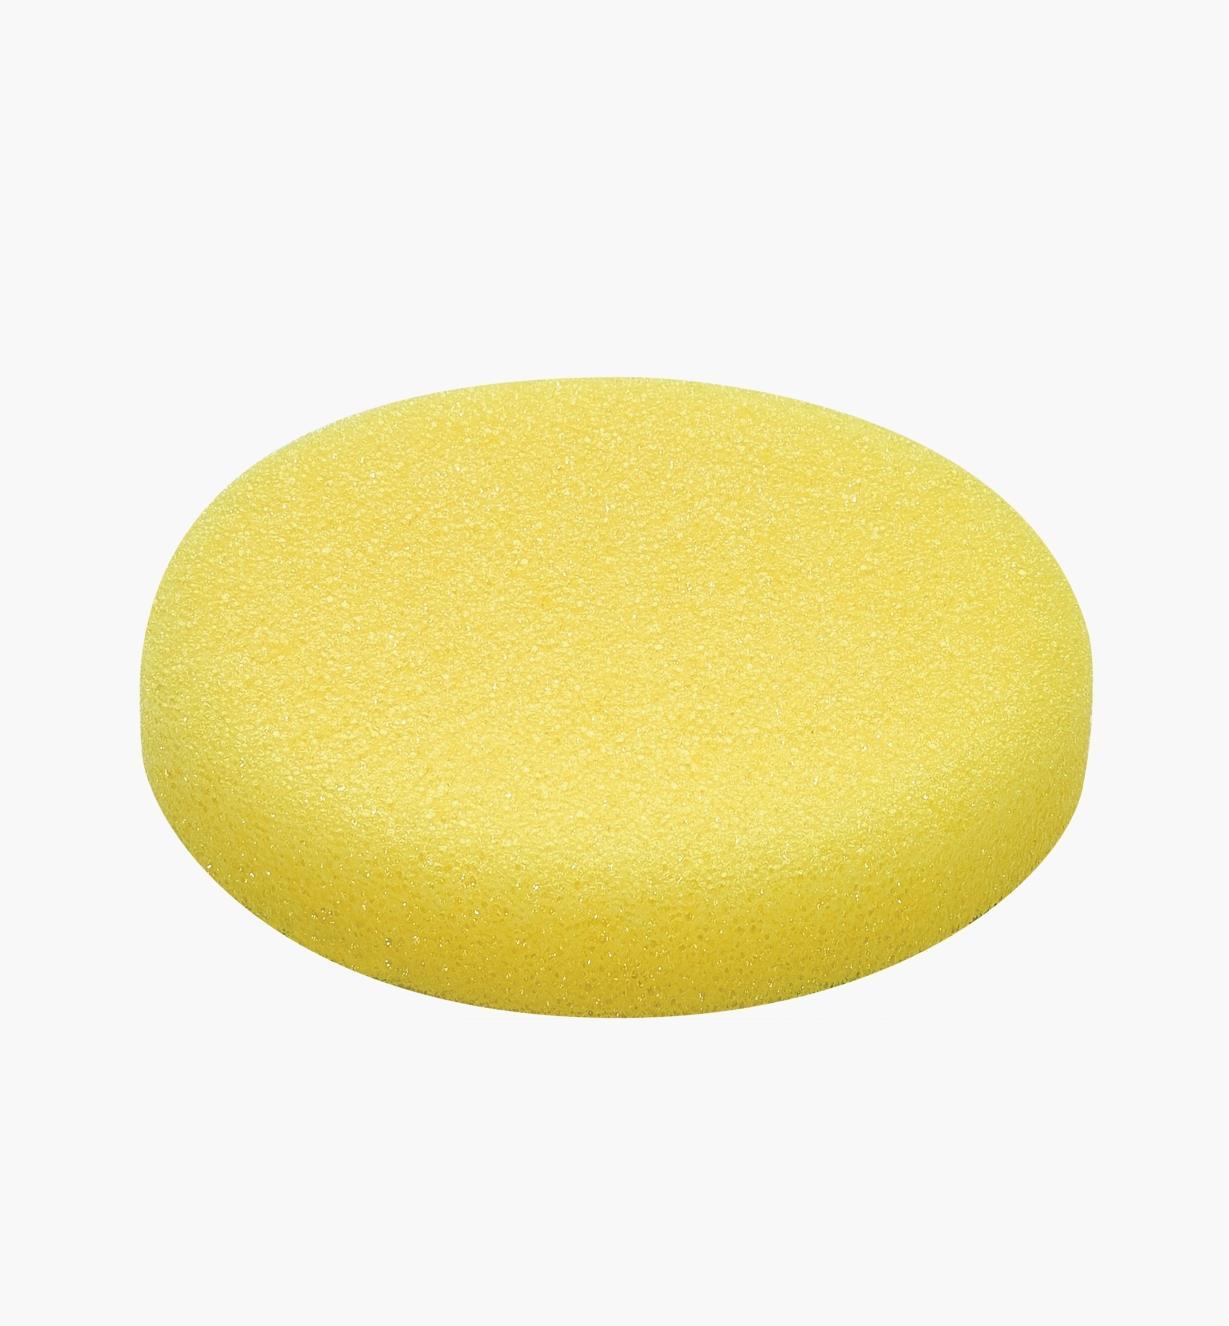 Éponge de polissage jaune de 125 mm